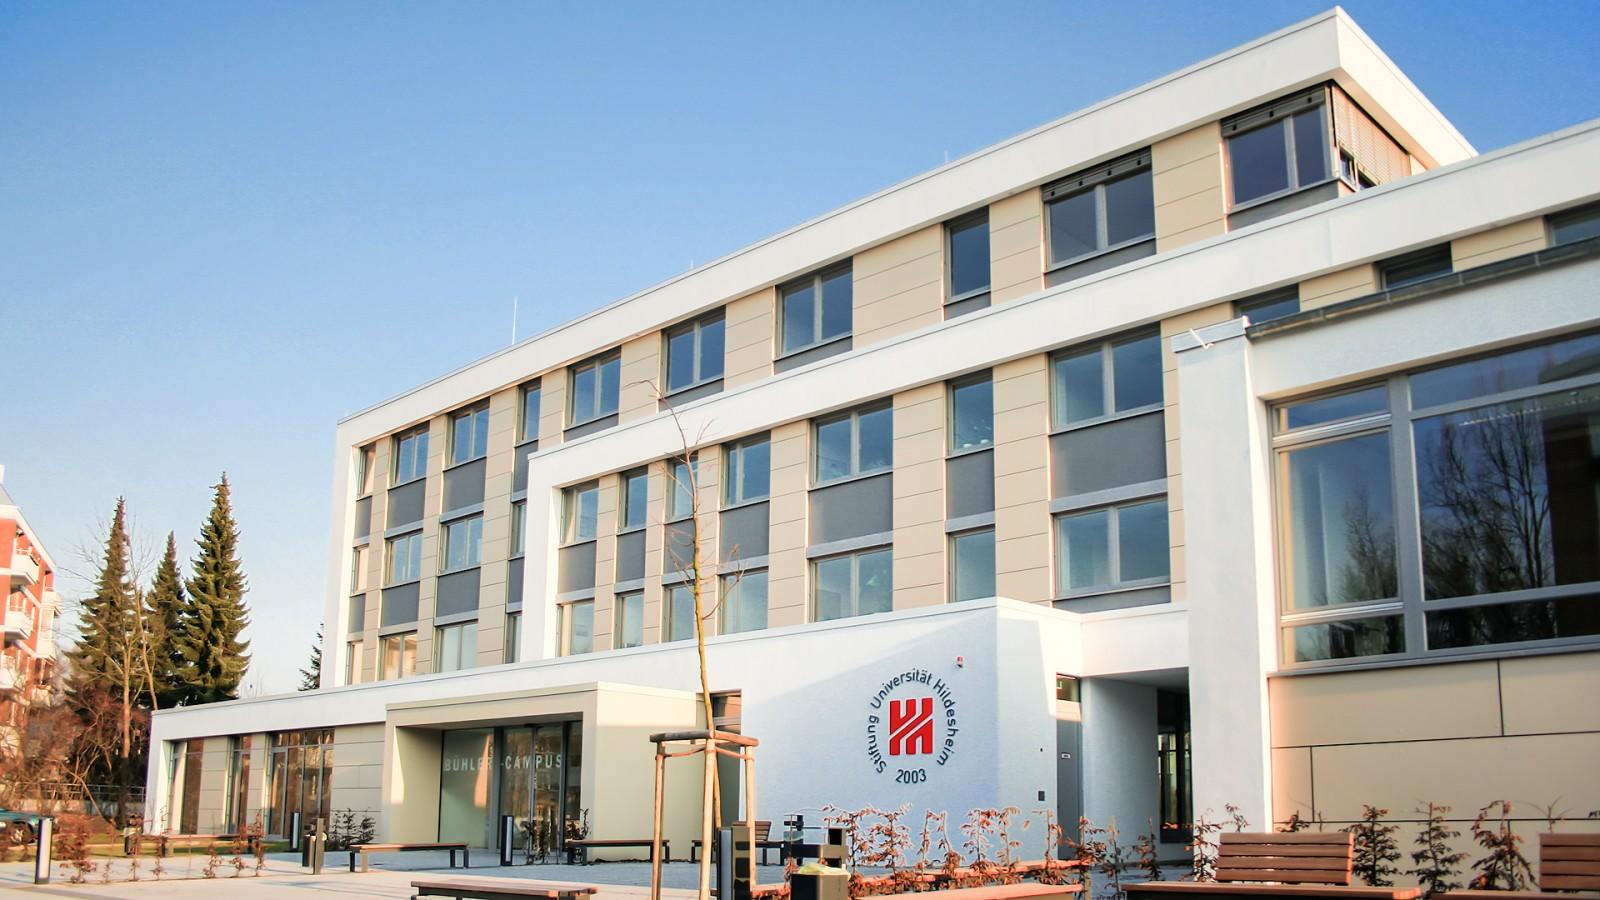 Universitätsneubau Lübecker Strasse | JUNG - Architekturbüro, Innenarchitekturbüro Hildesheim